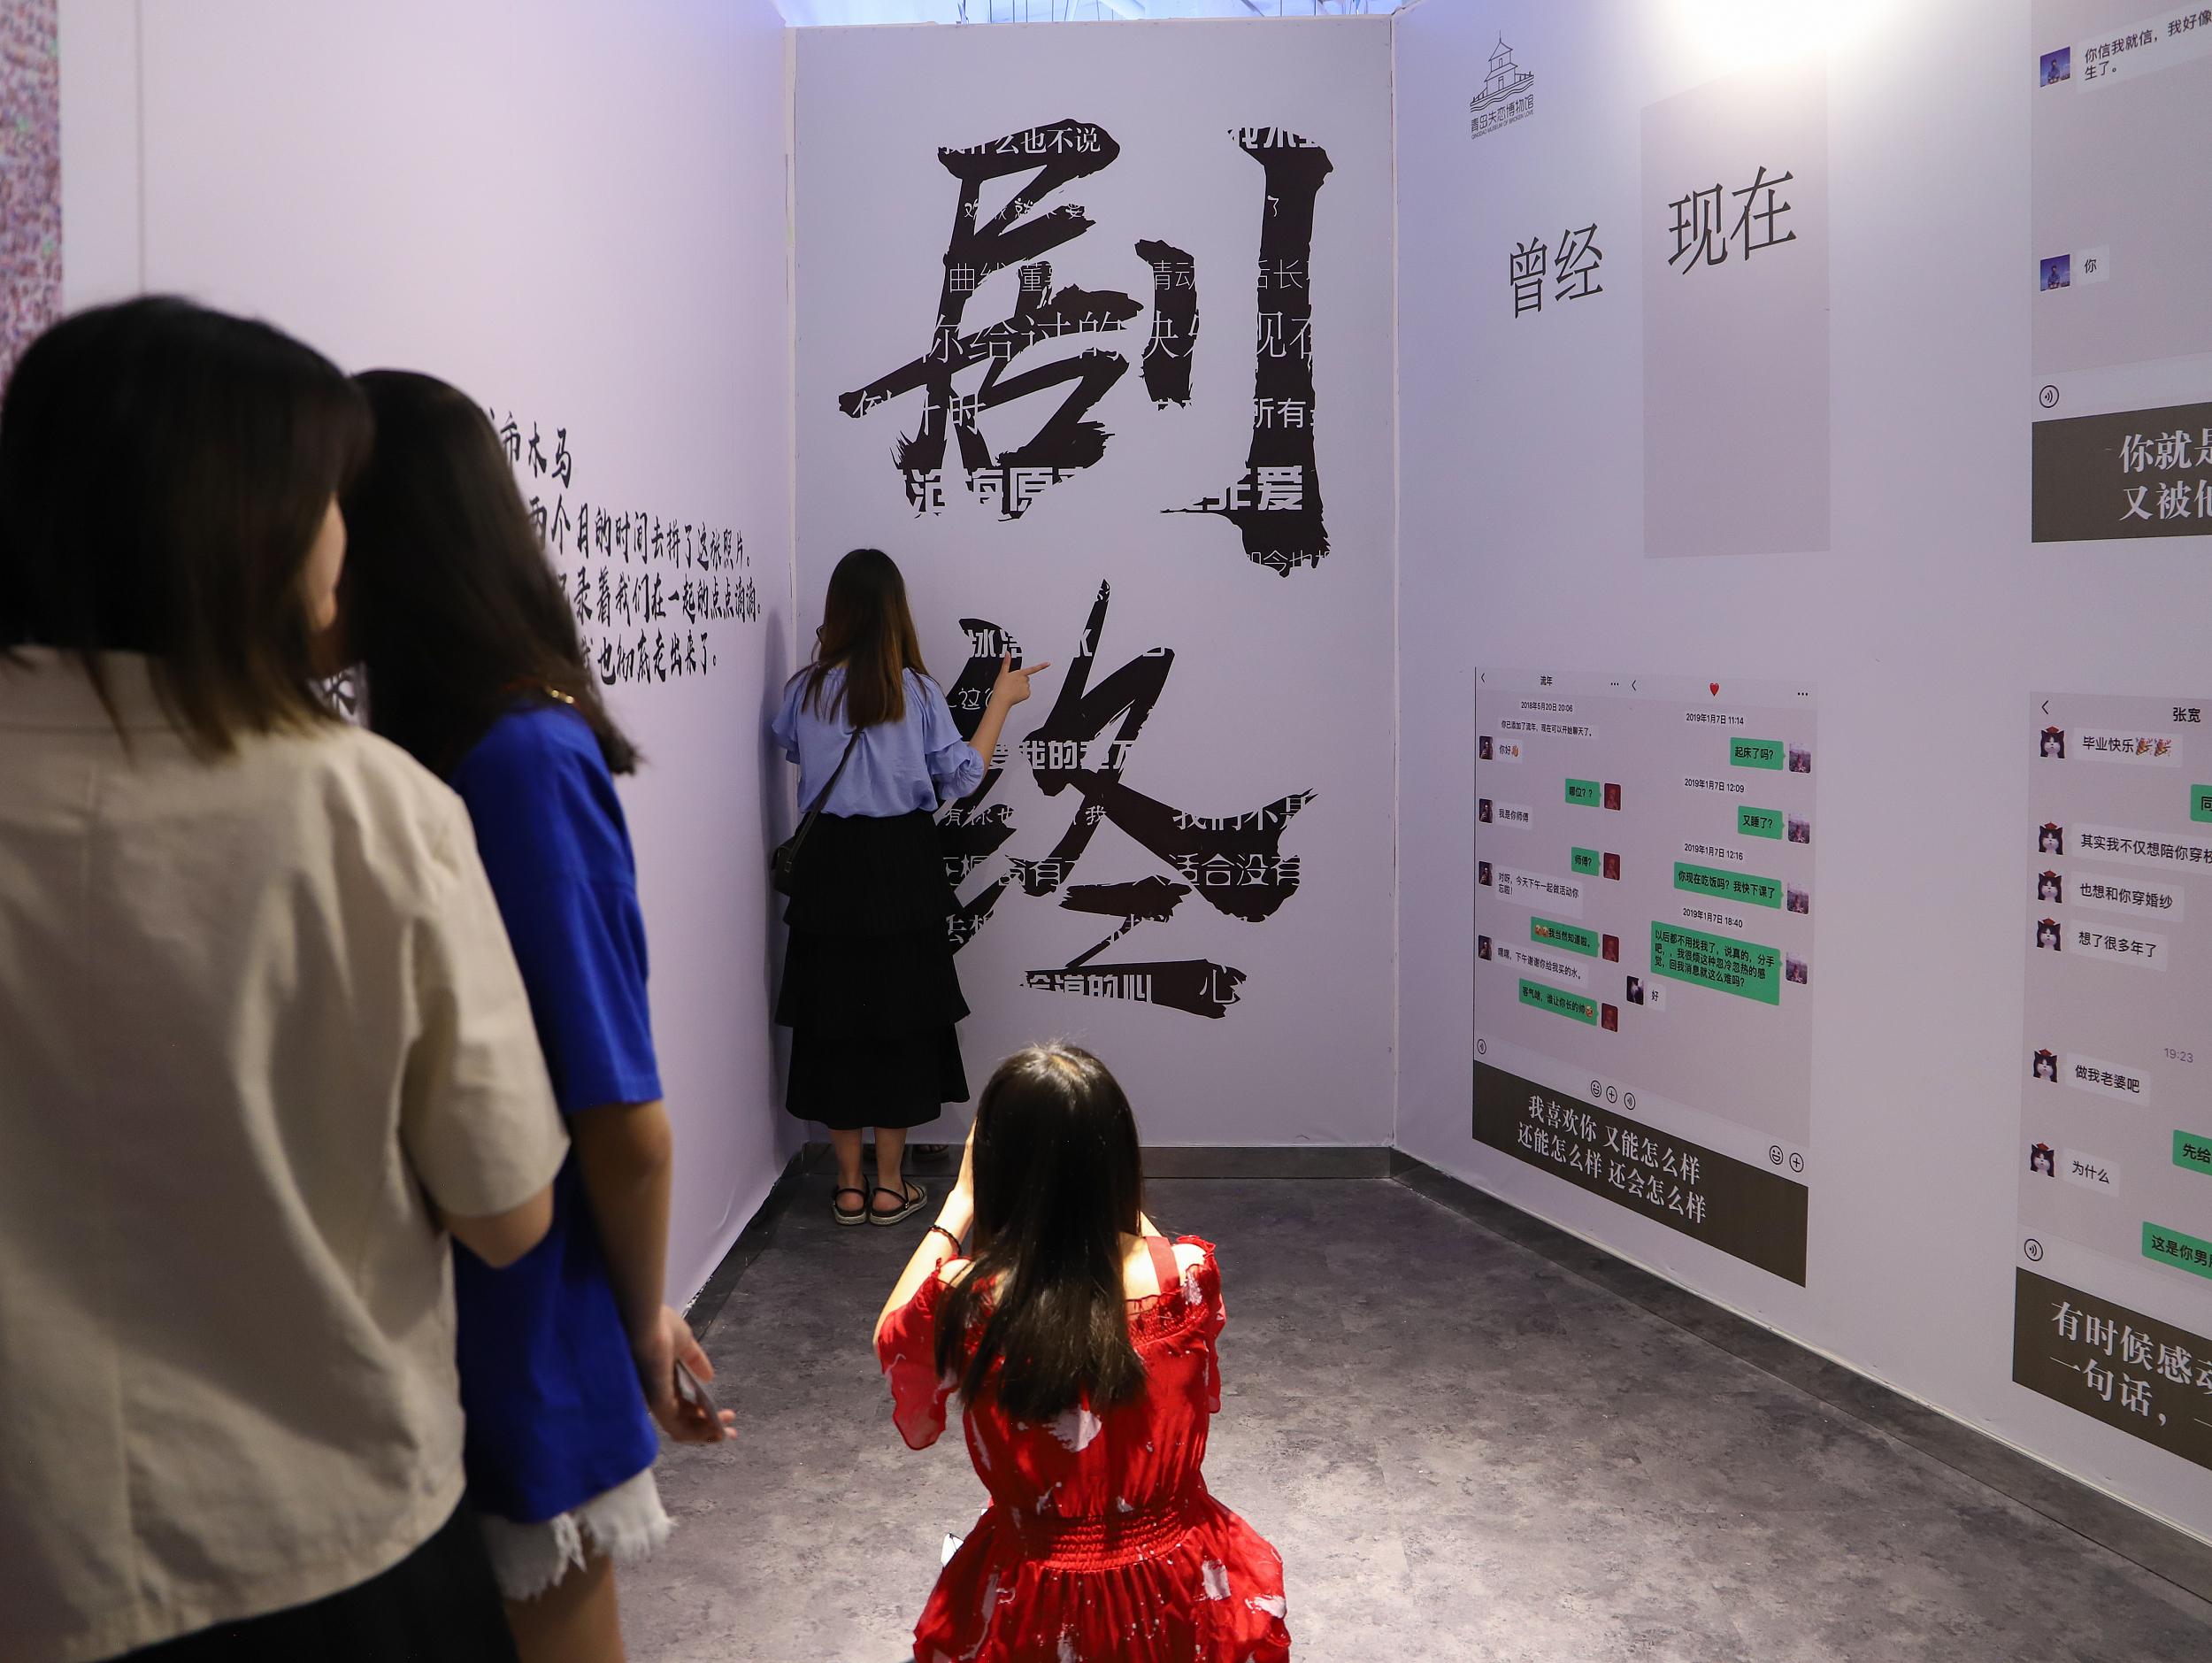 青岛:失恋博物馆成网红打卡地 市民纷纷前往体验